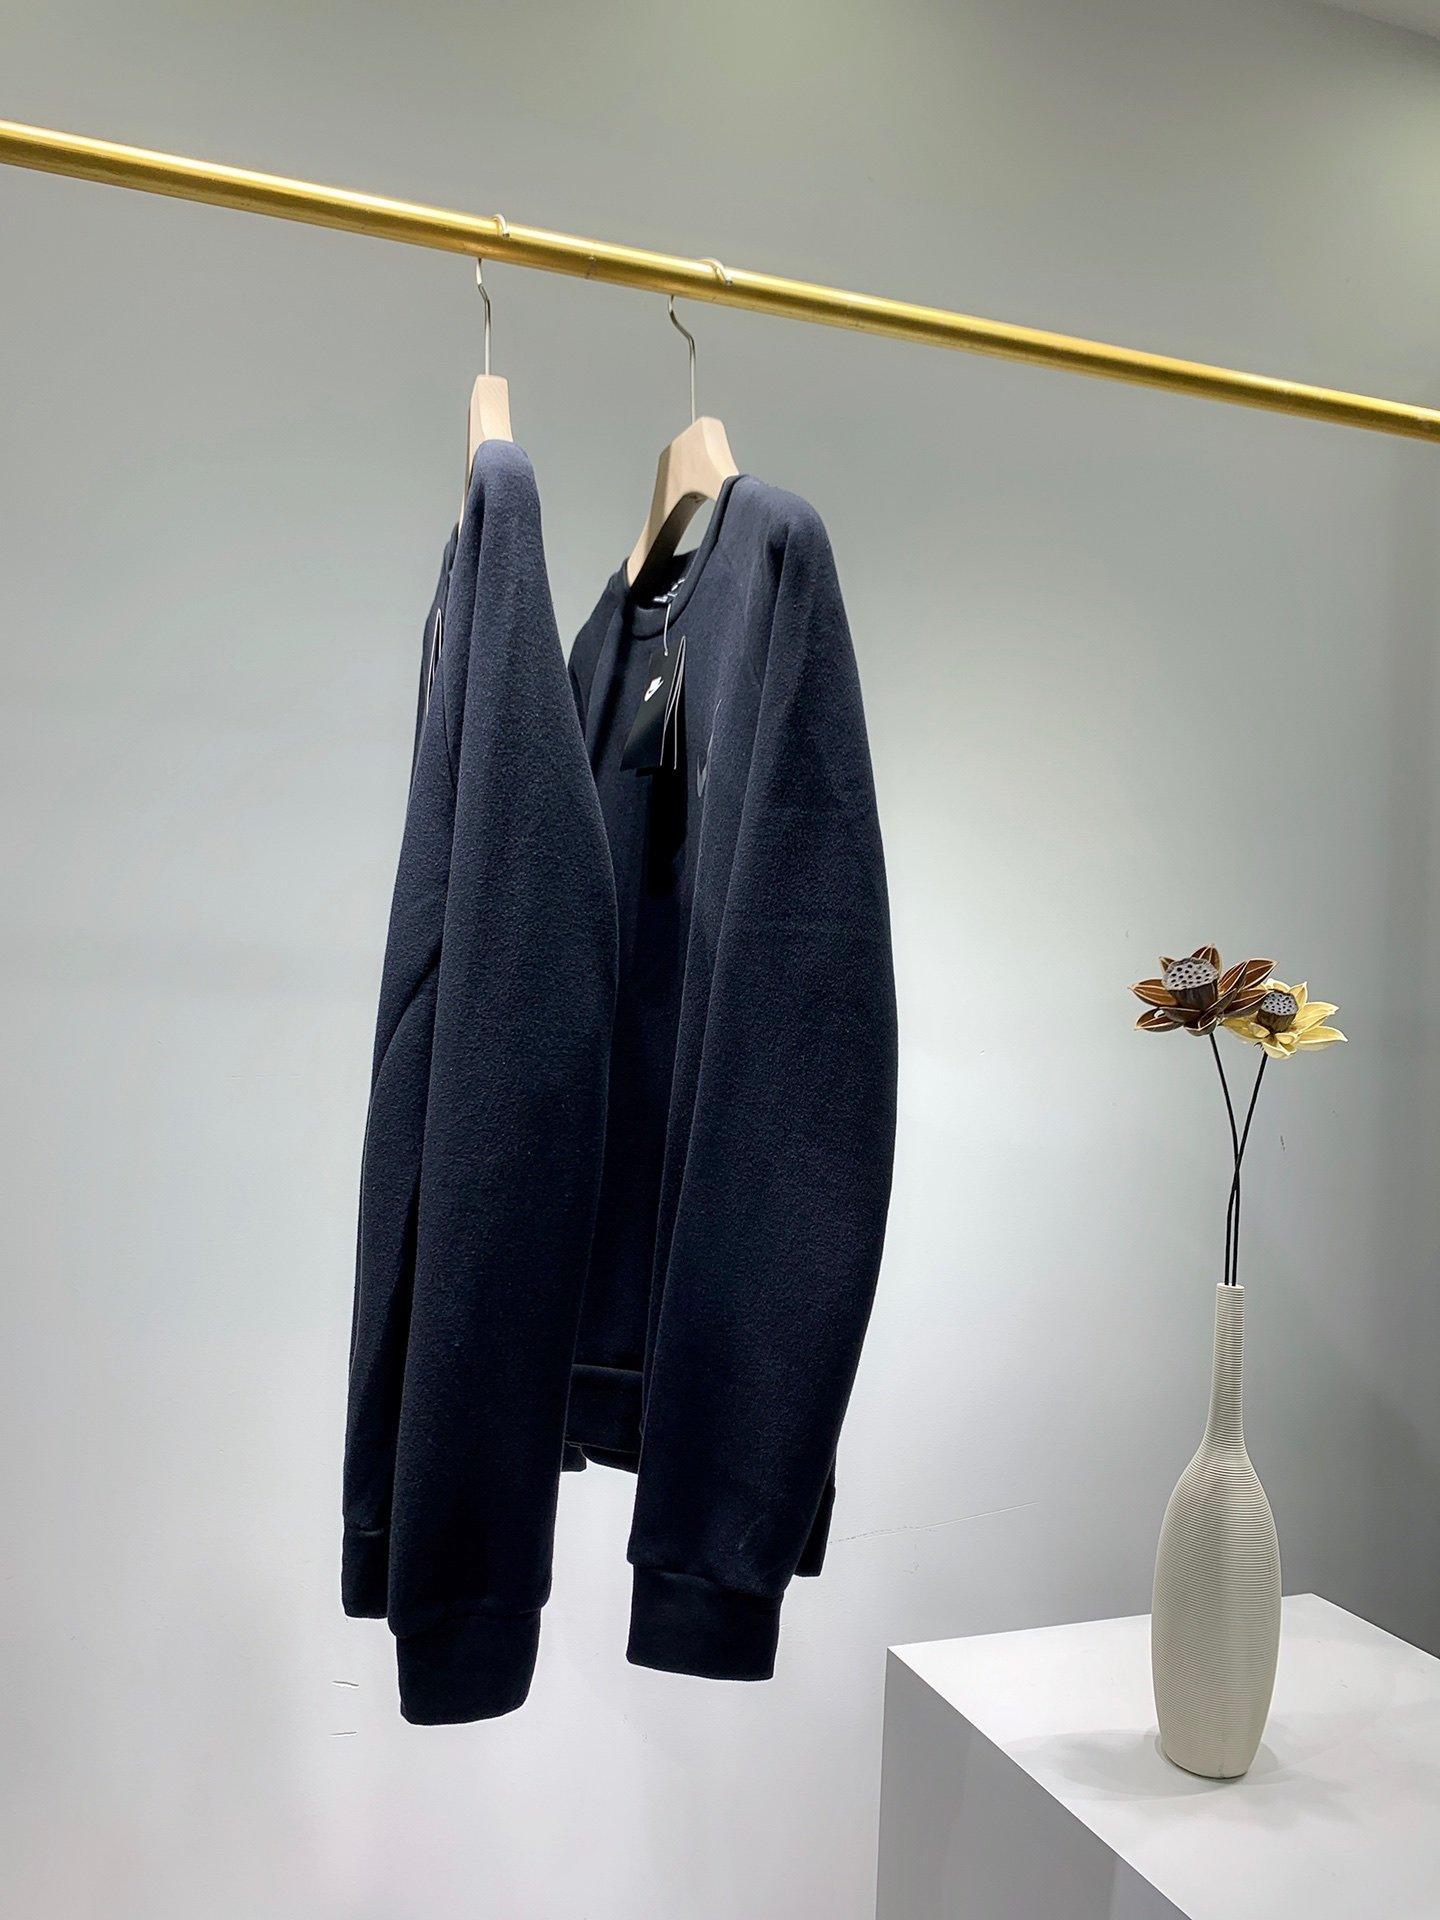 2020 Hommes Pull Fashion Tendance coton Tissu col rond Slim confortable équipée Coffre imprimé Tout-match Pulls pour hommes et femmes